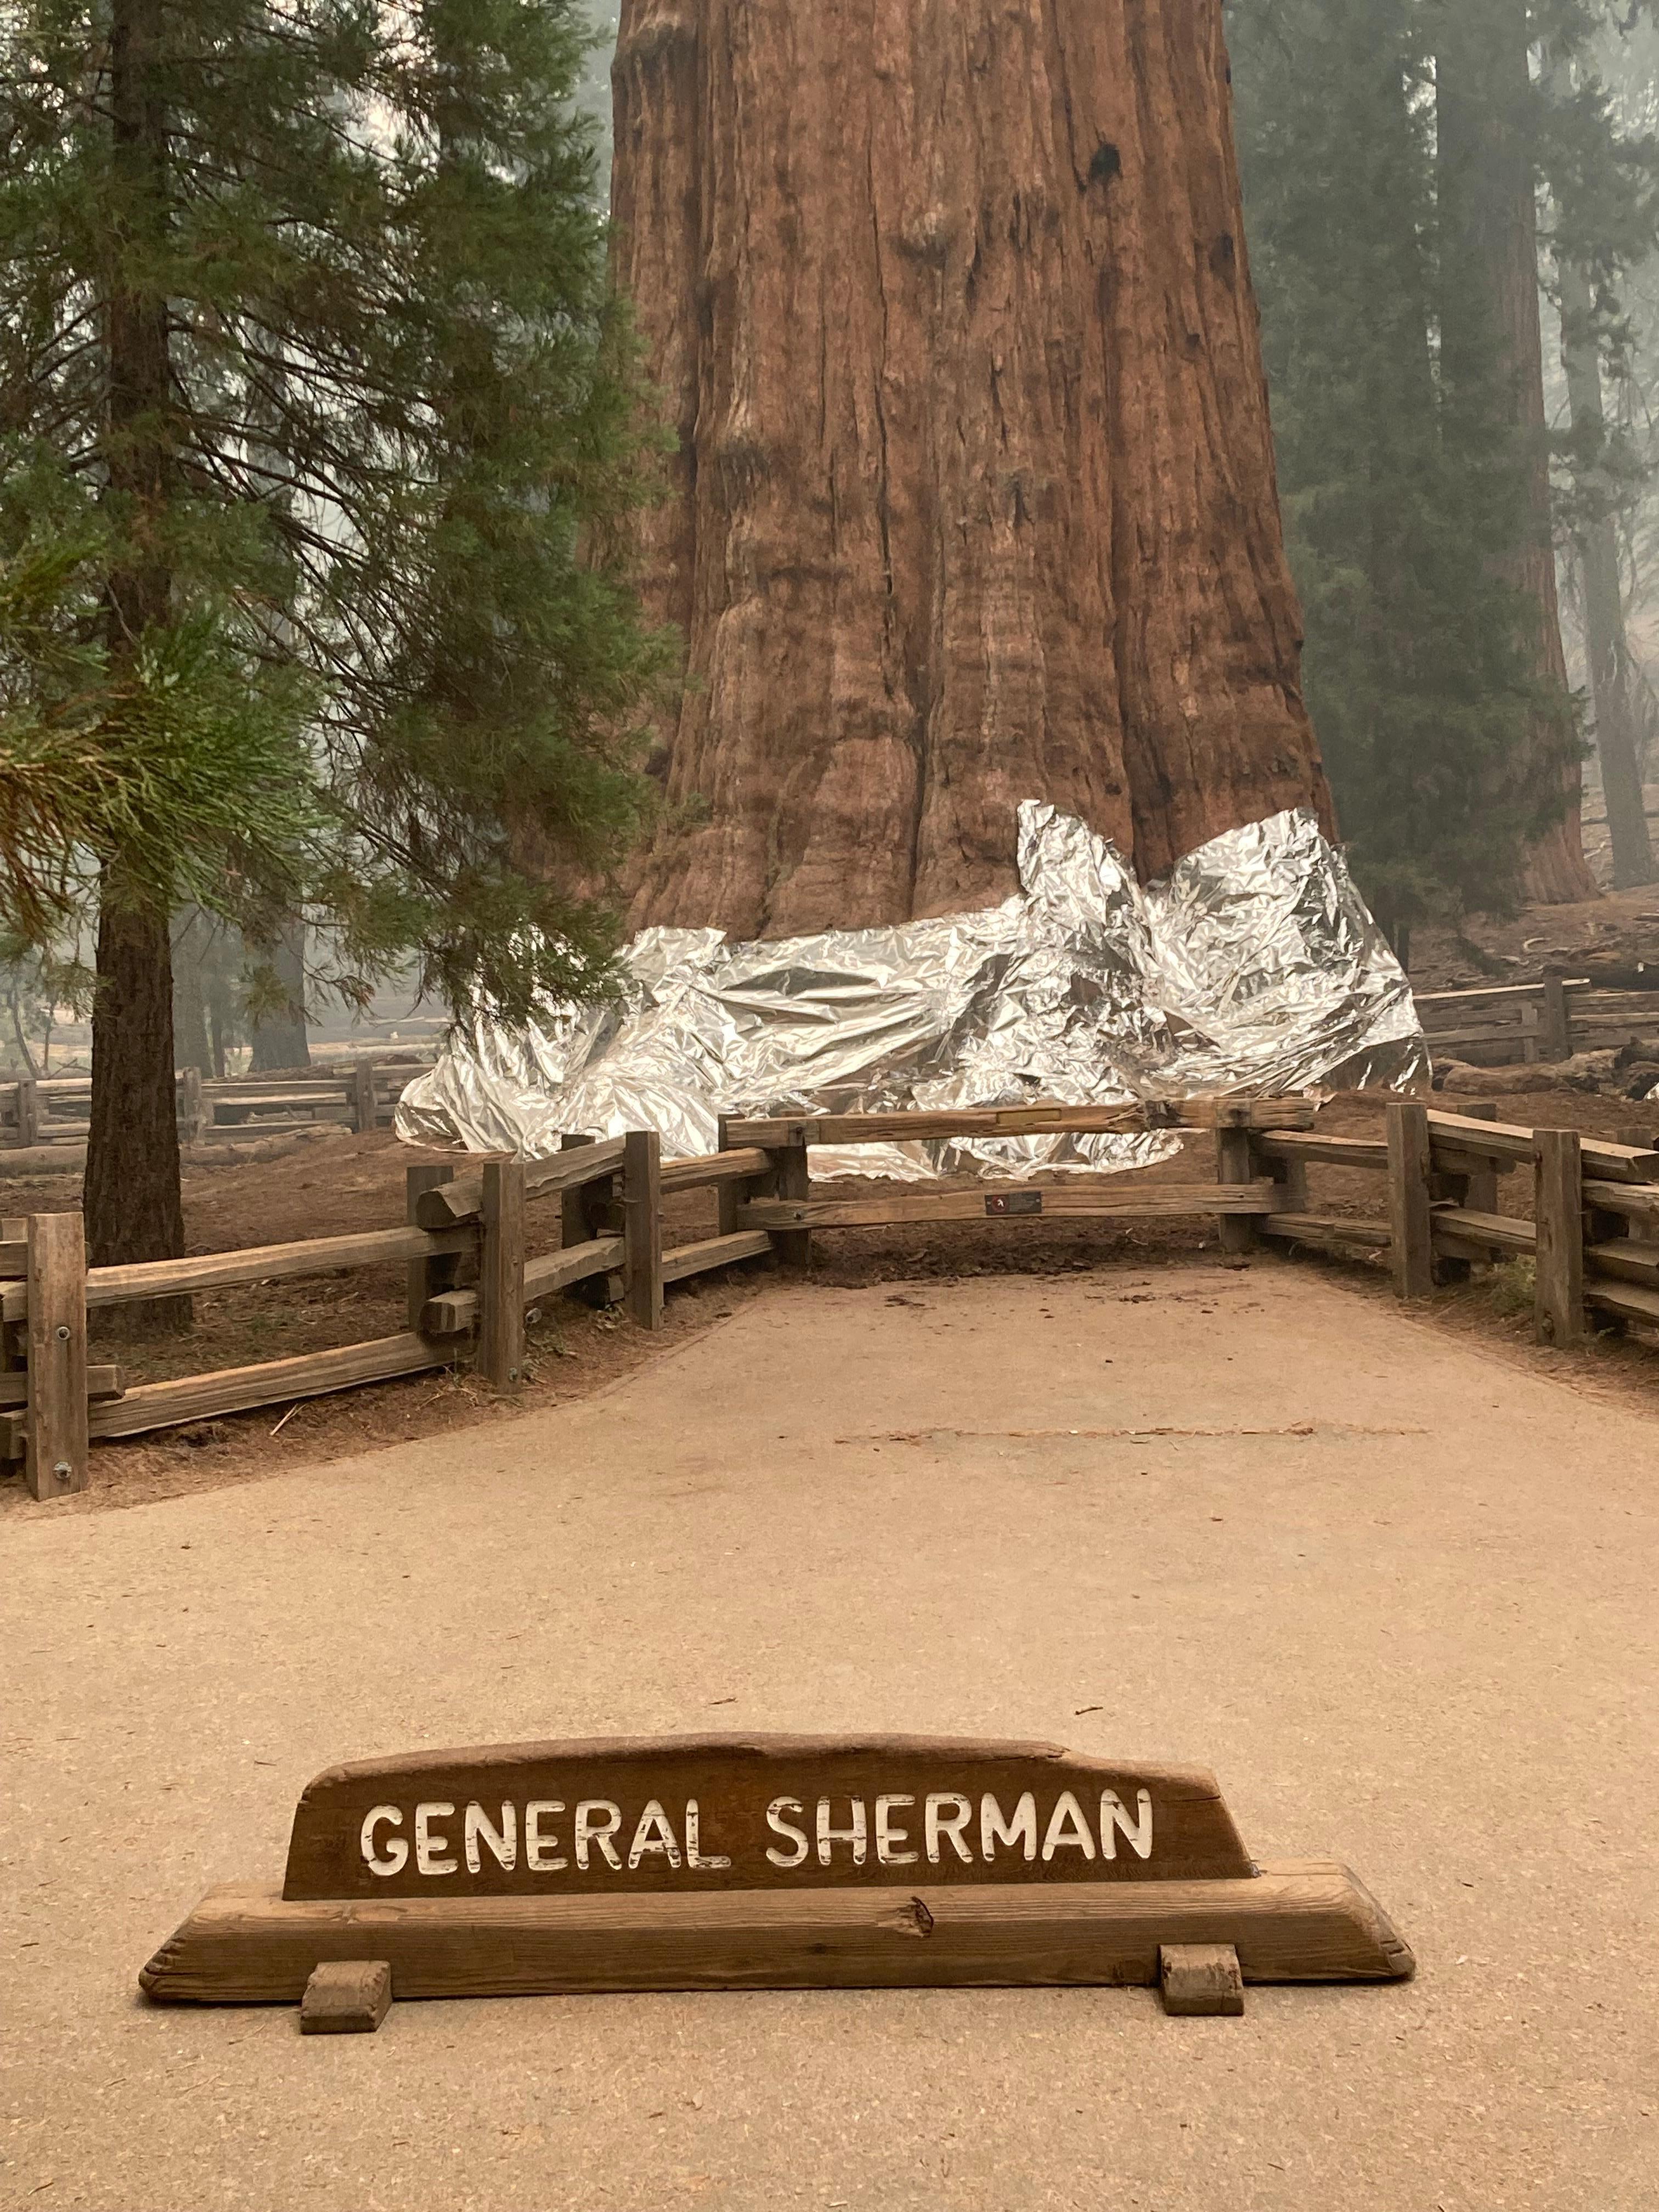 Tűzálló takarókkal próbálják megvédeni az erdőtűztől Sherman tábornokot, a világ legnagyobb fáját